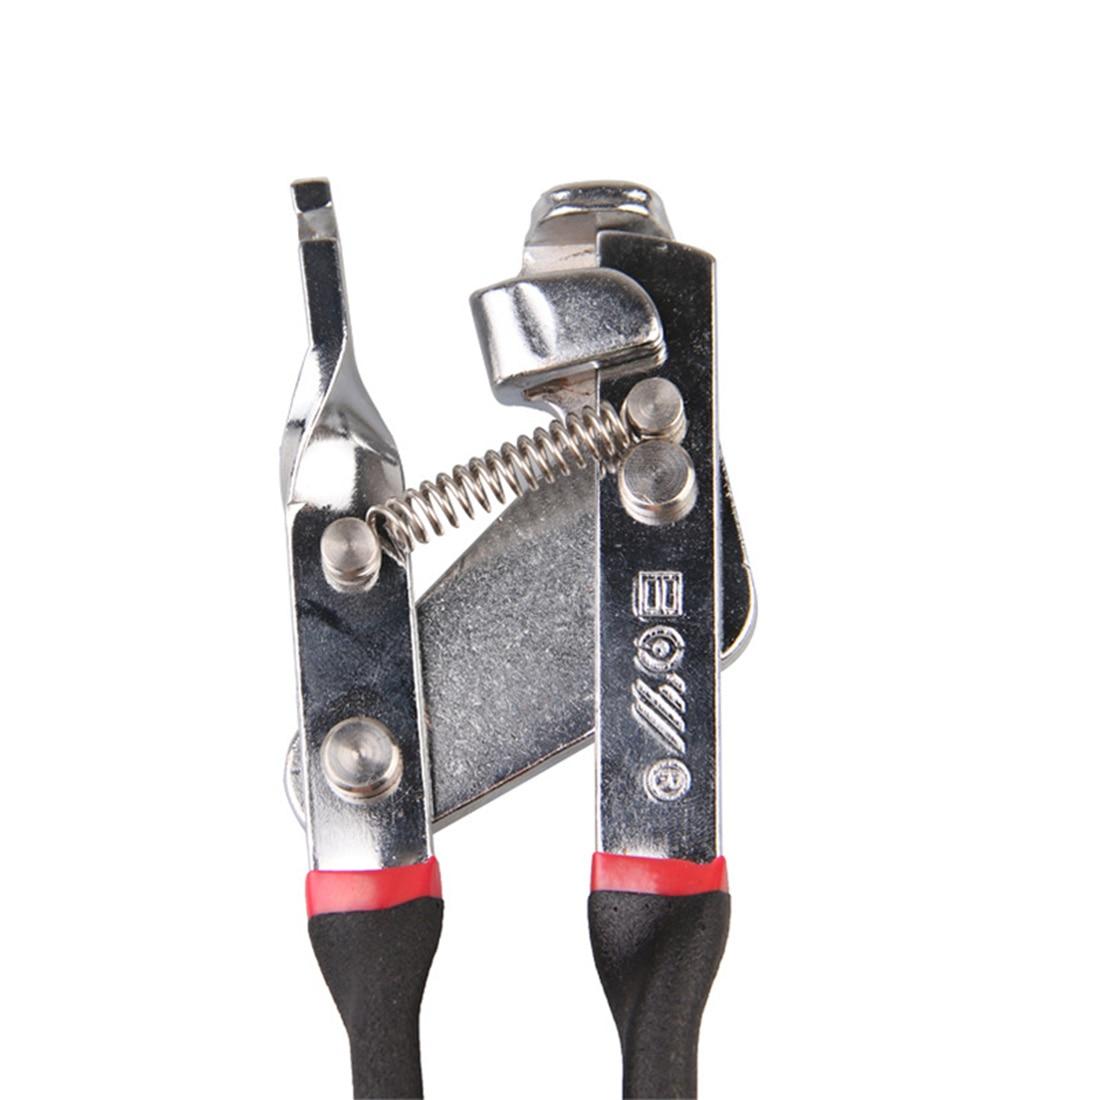 Bicycle Cycle Bike Hand Tool Inner Brake Cable Puller Tensioner Brake Gears